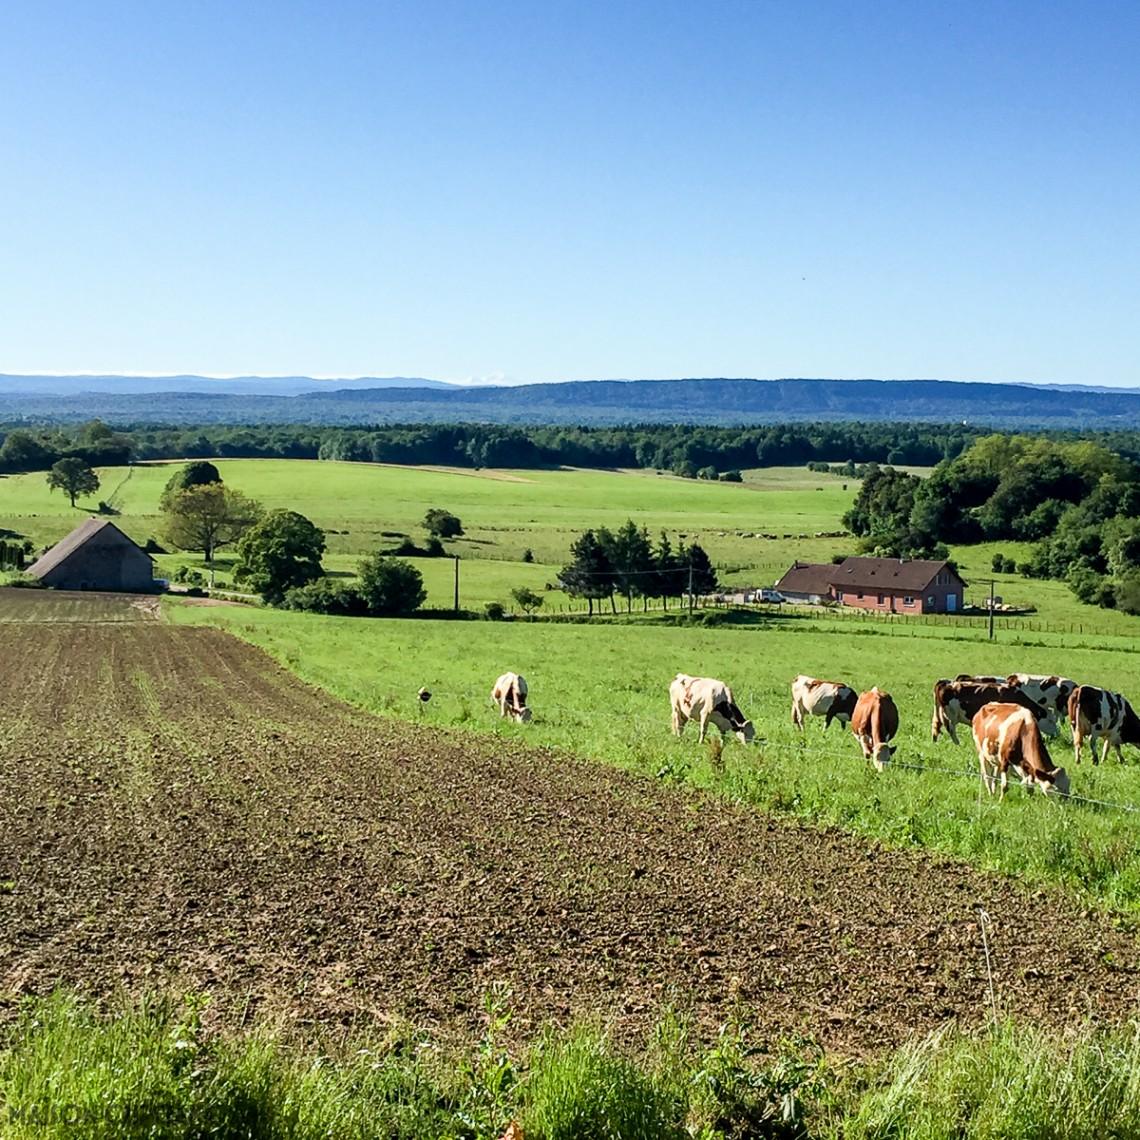 Transforming Milk into Comté Cheese